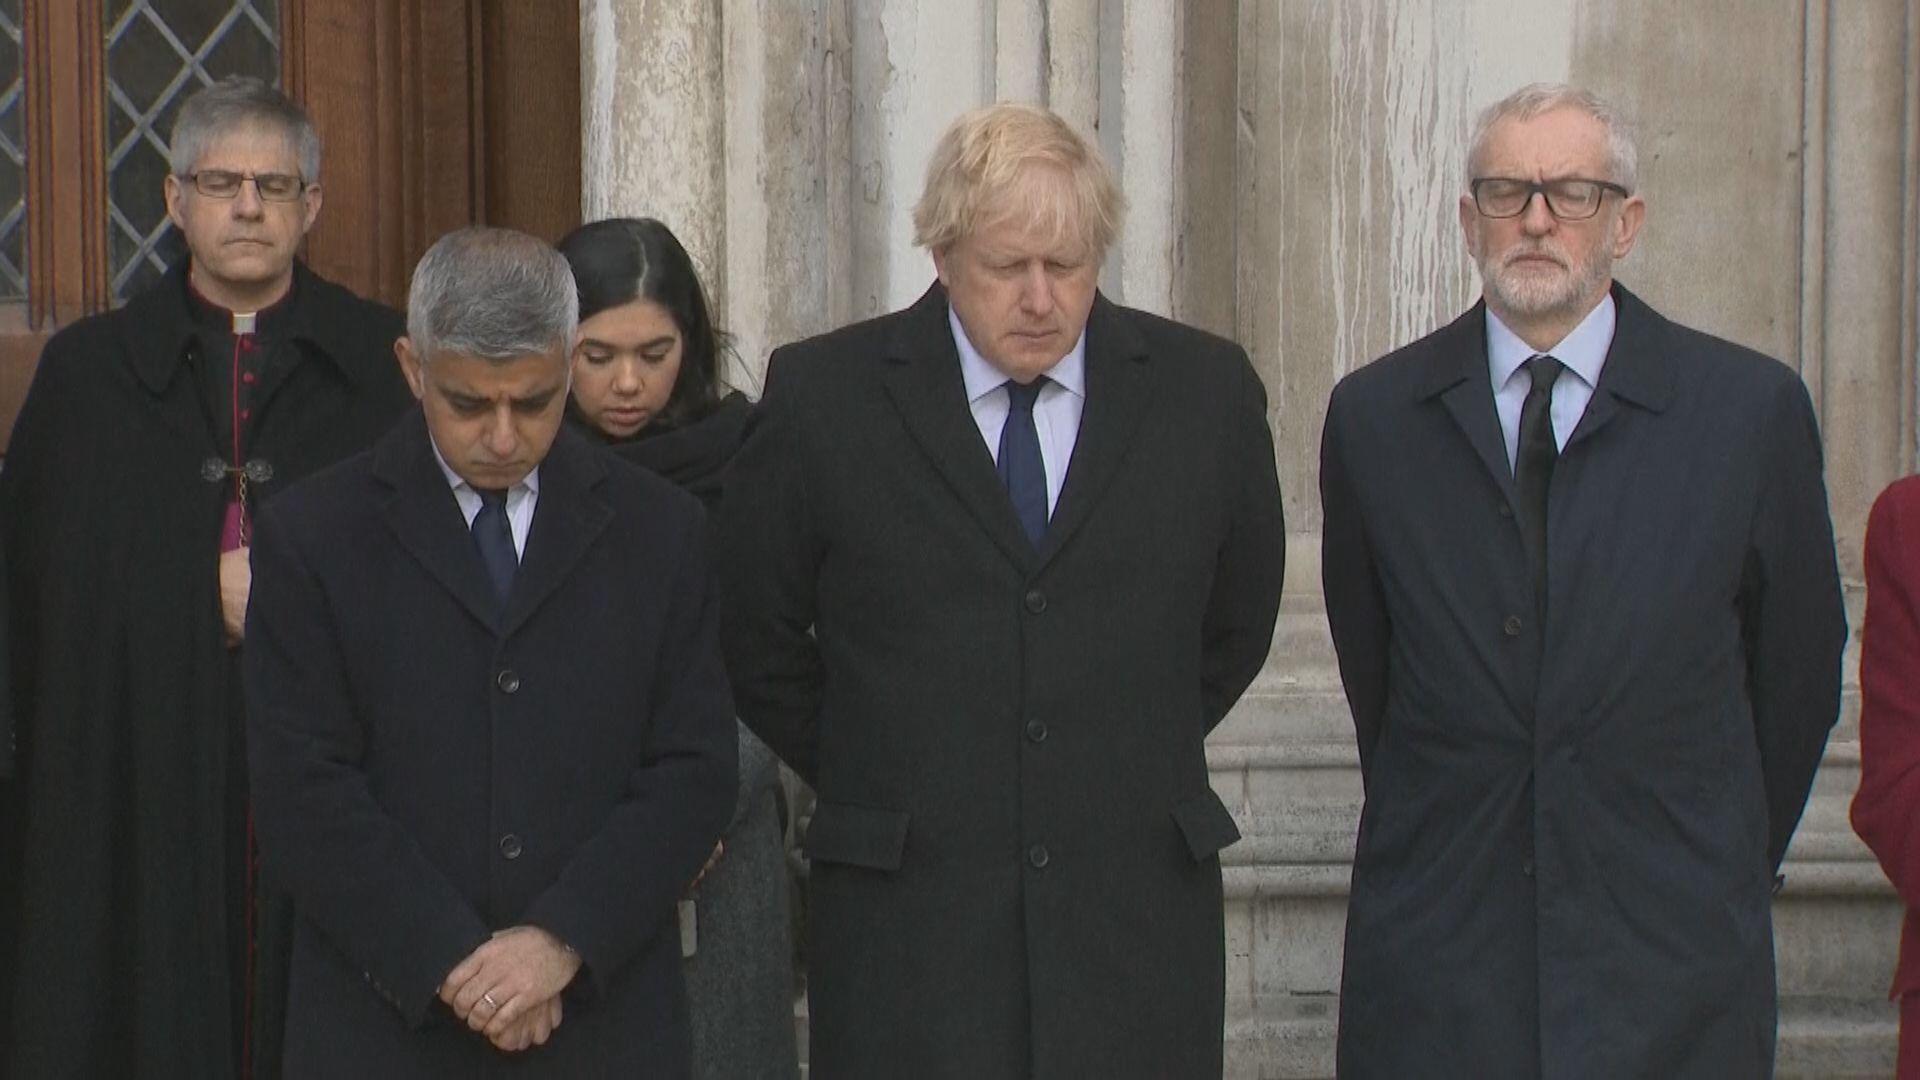 倫敦巿政廳舉行儀式悼念倫敦橋恐襲2名死者